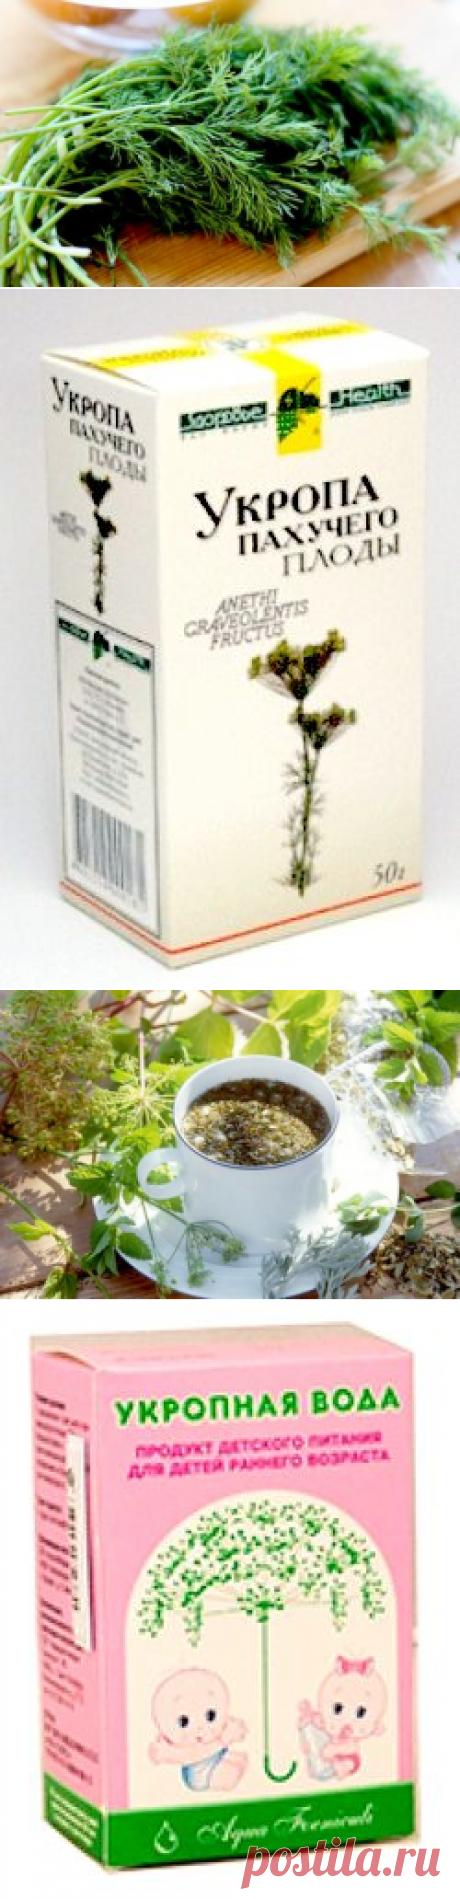 Укроп - лечебные свойства и противопоказания зелени